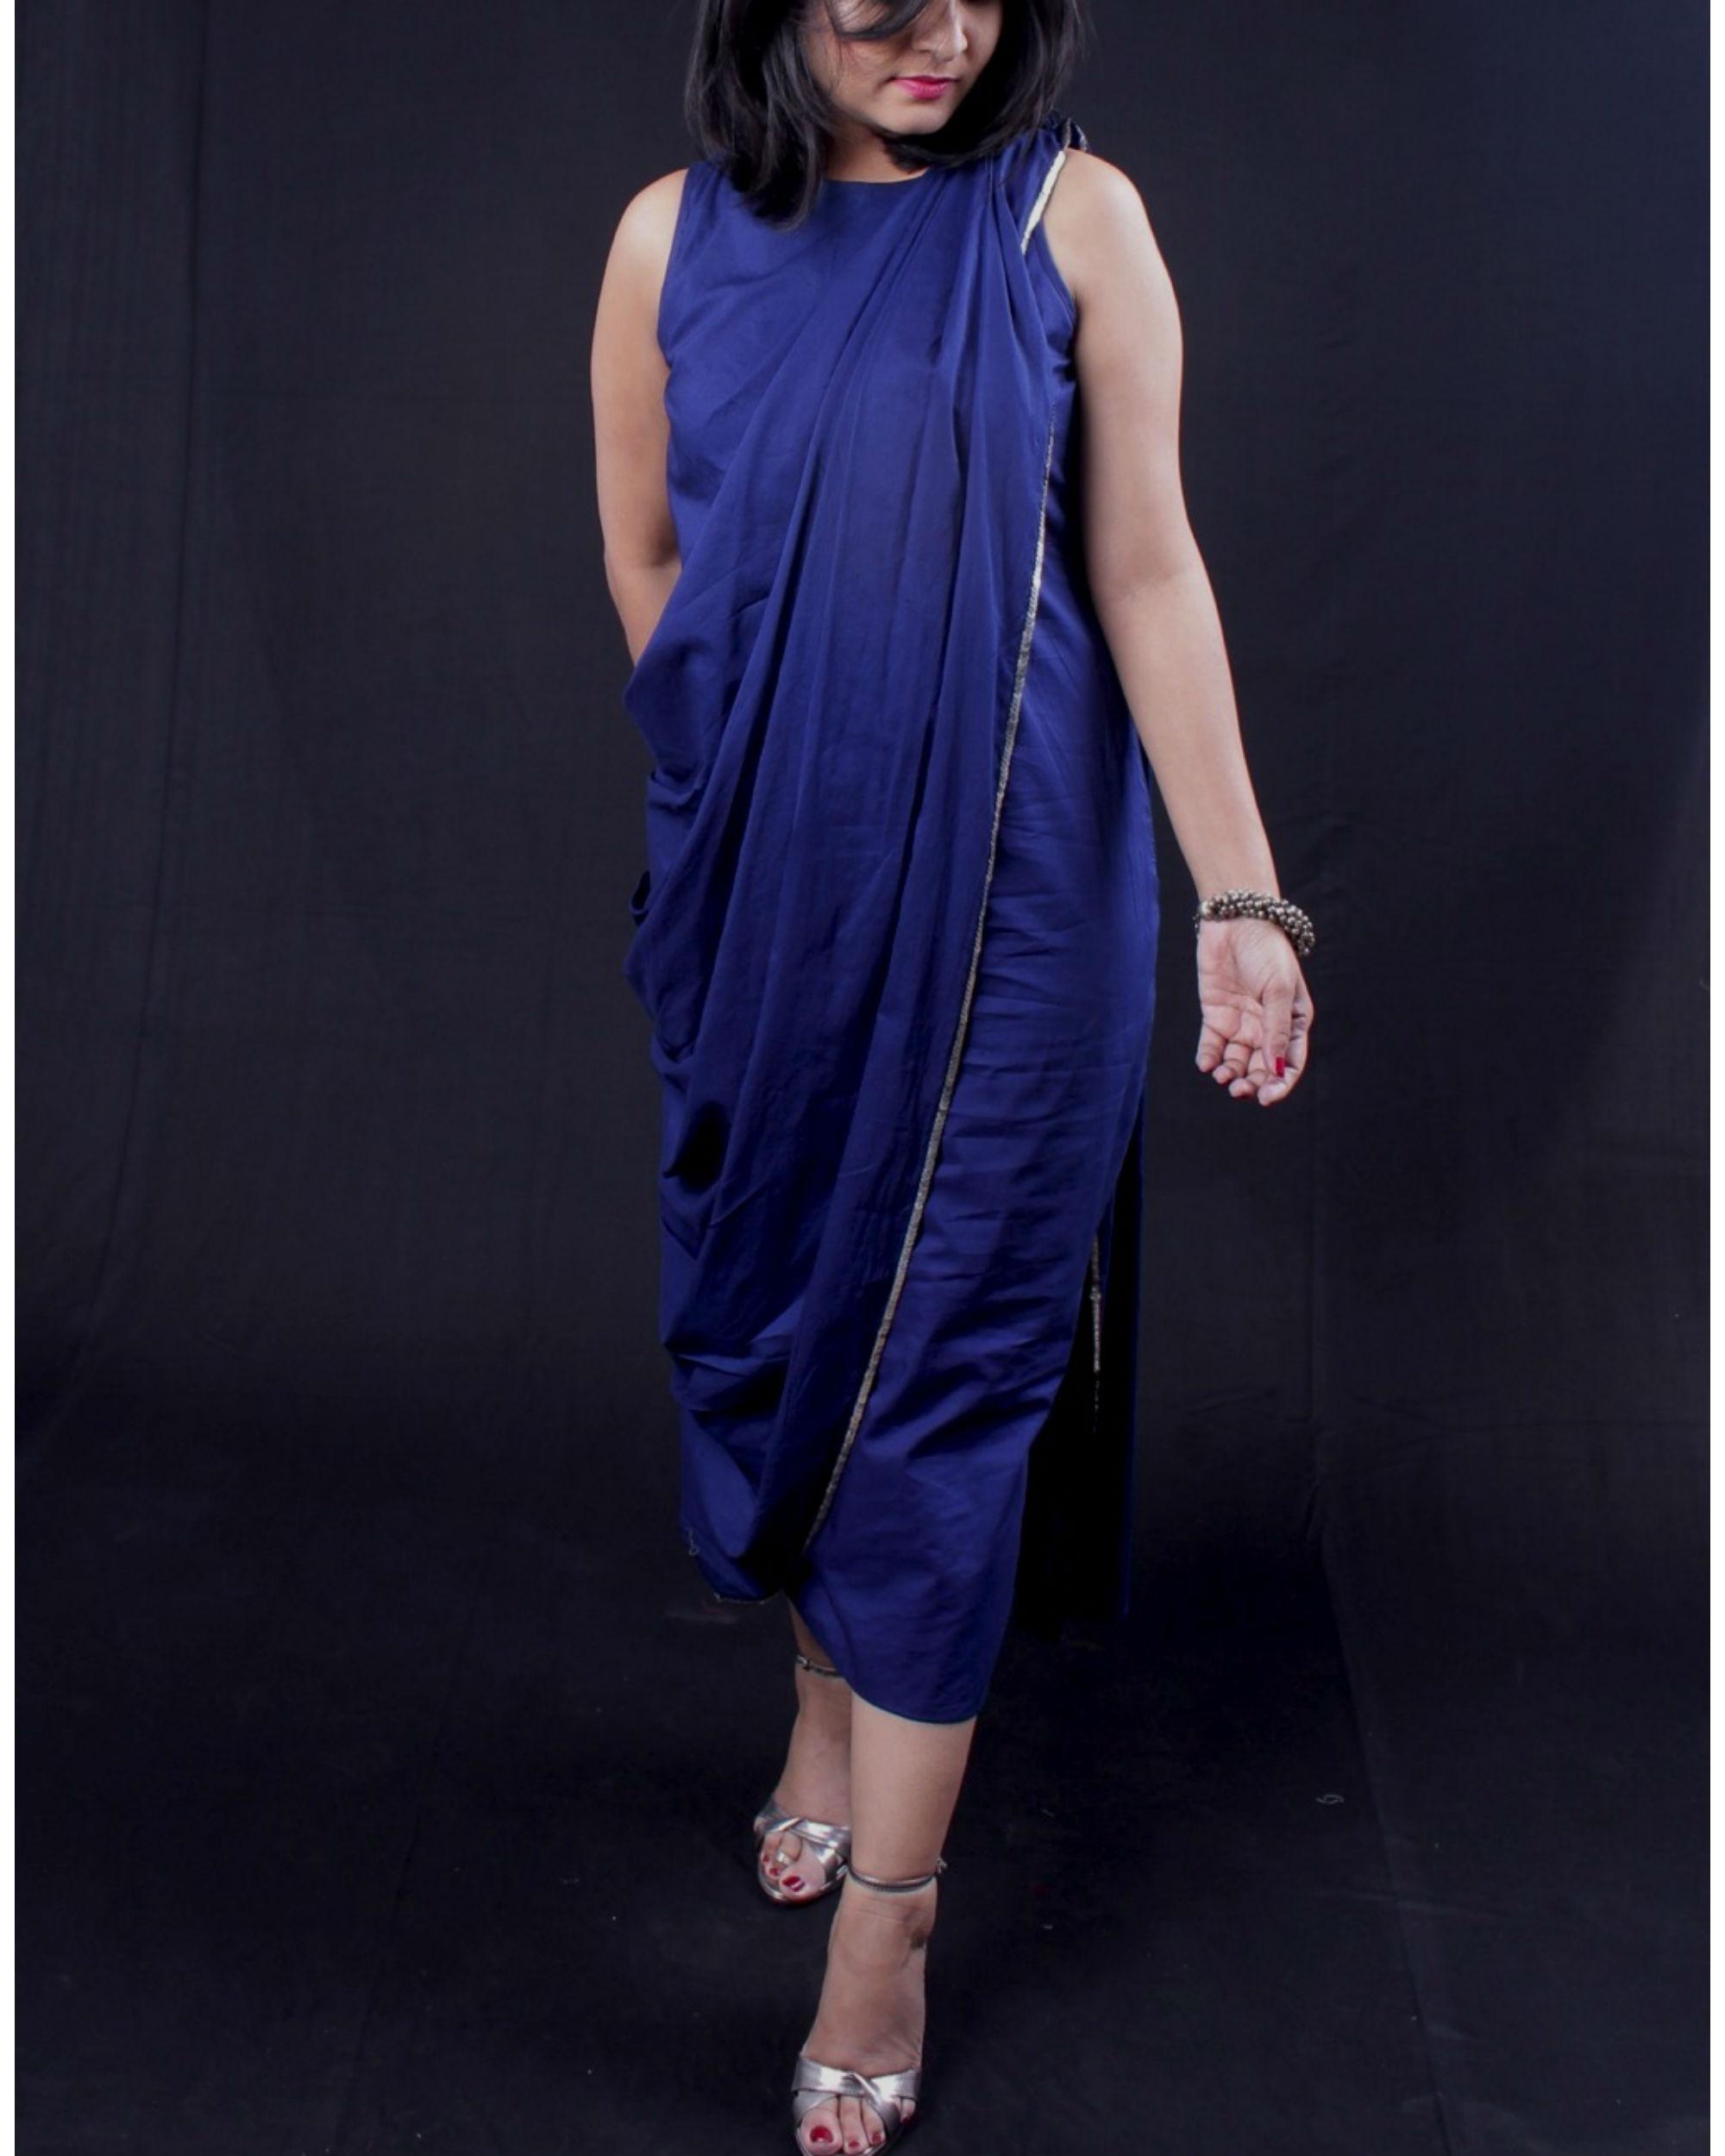 Blue sari dress